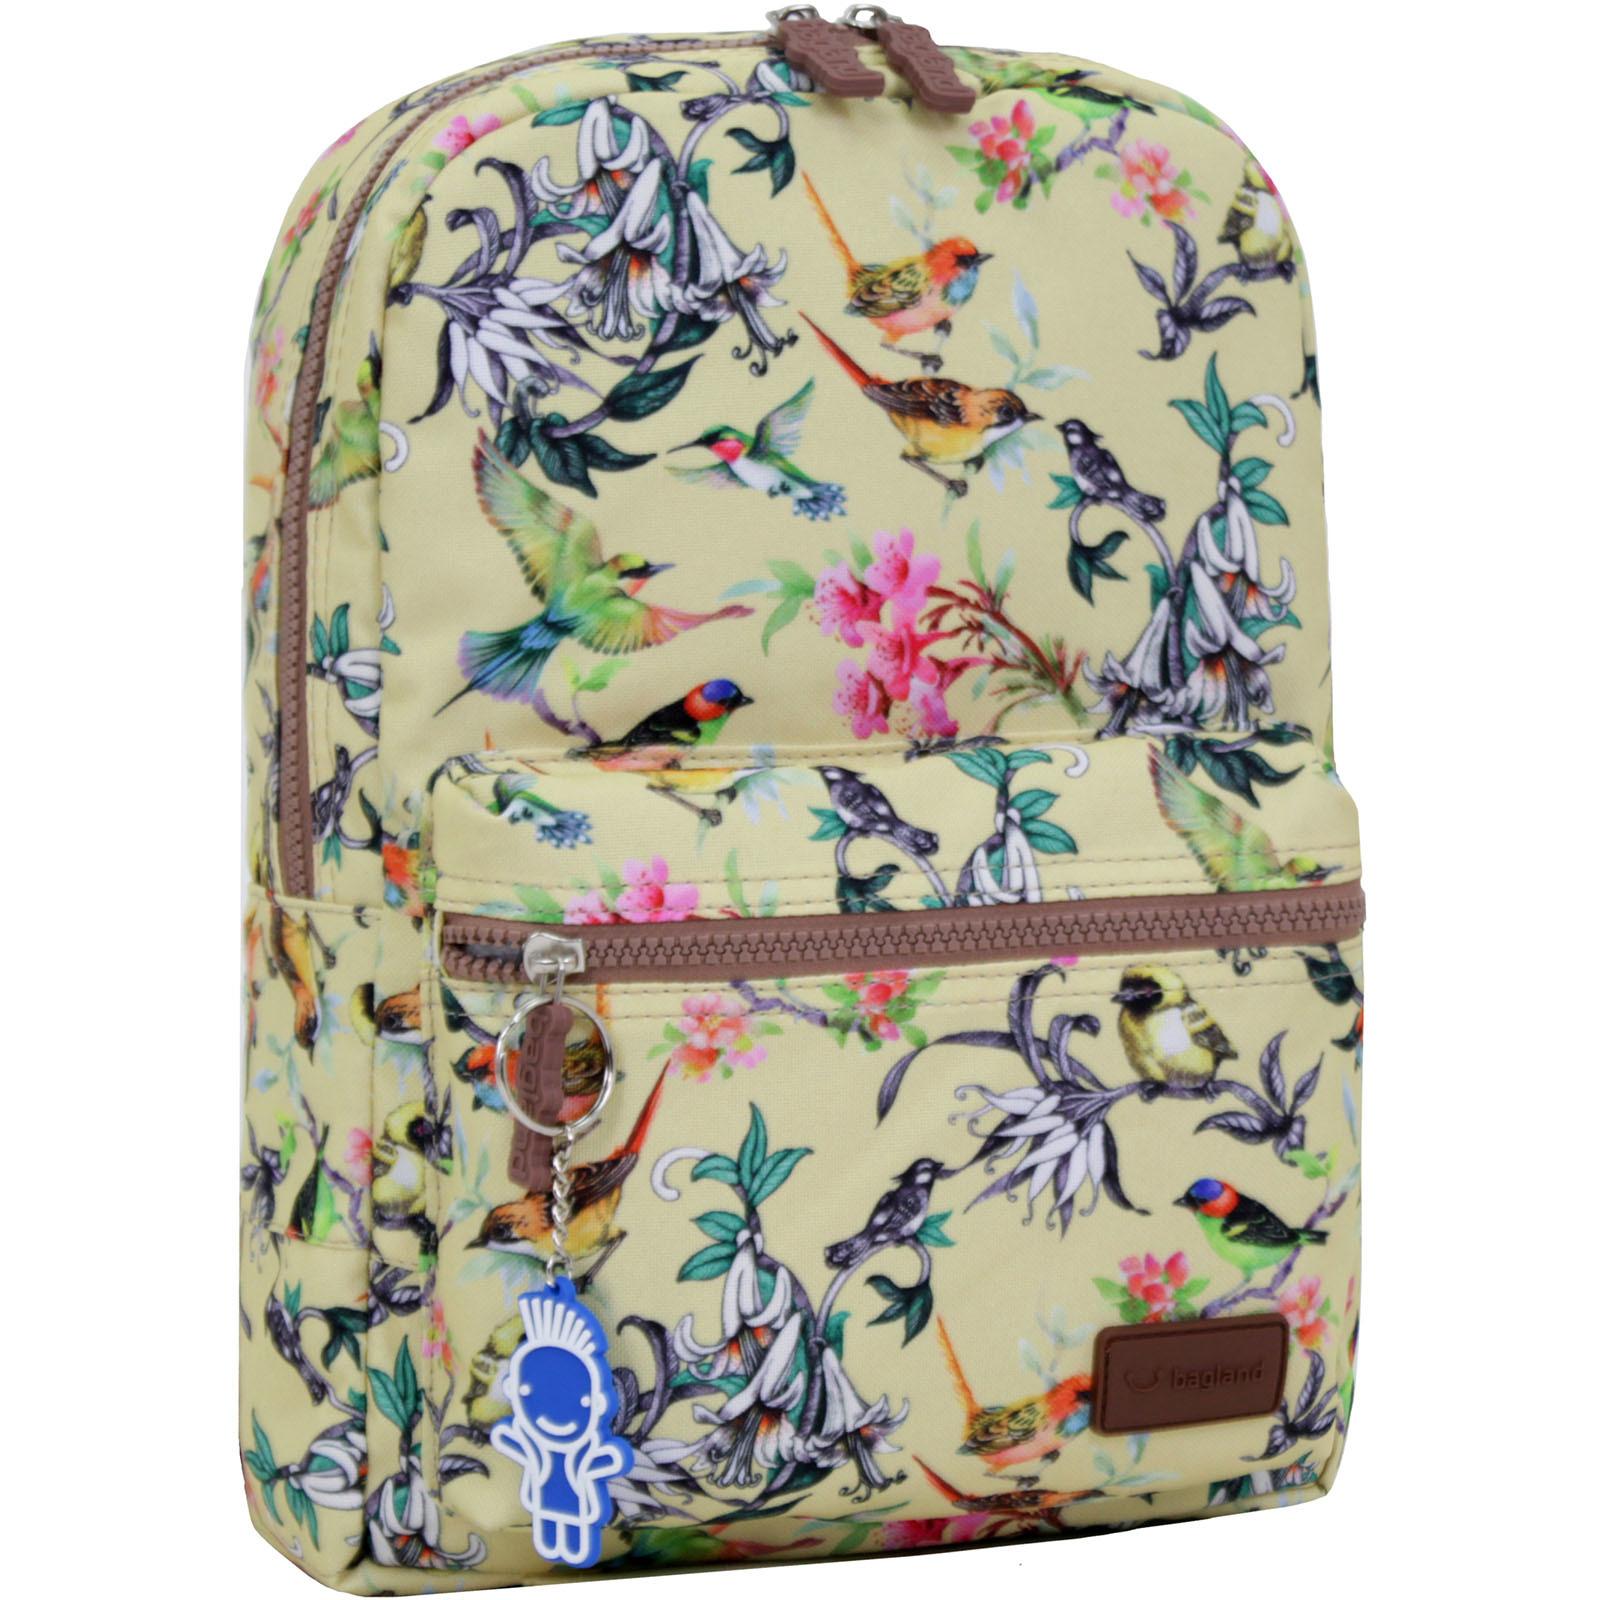 Детские рюкзаки Рюкзак Bagland Молодежный mini 8 л. сублимация (птица) (00508664) IMG_0330_арт.174_.JPG